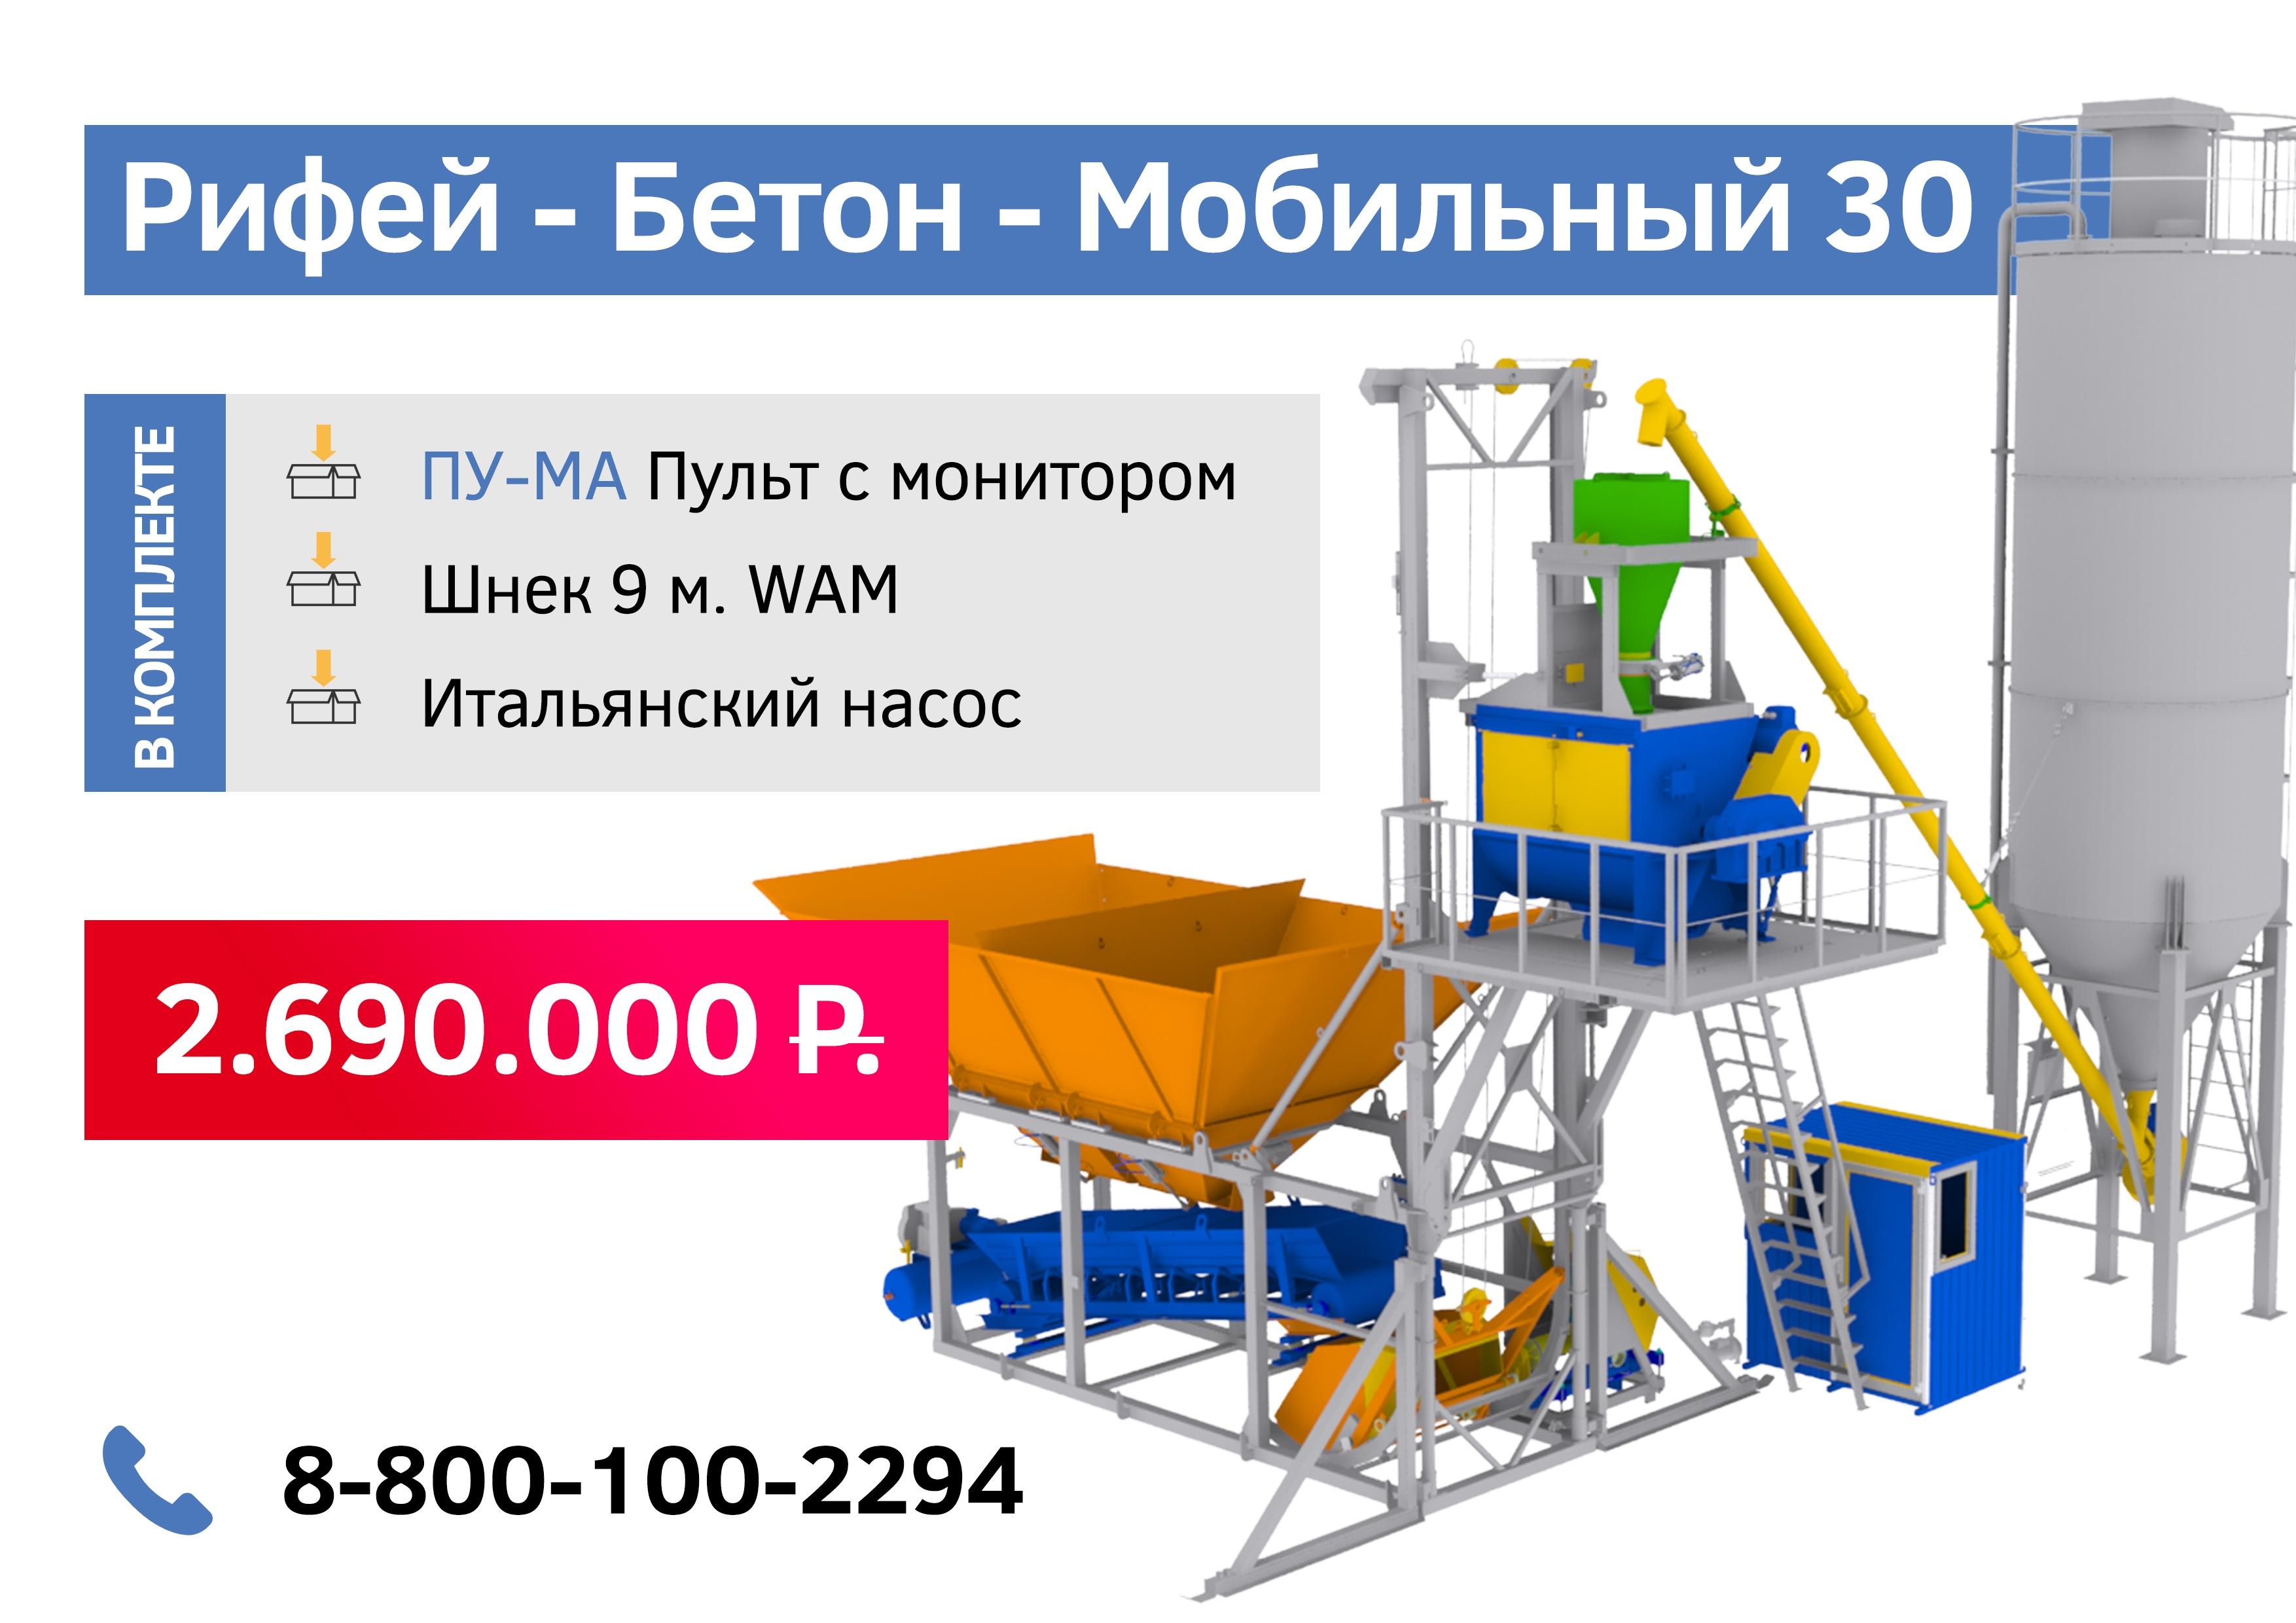 Мобильный бетонный завод Рифей